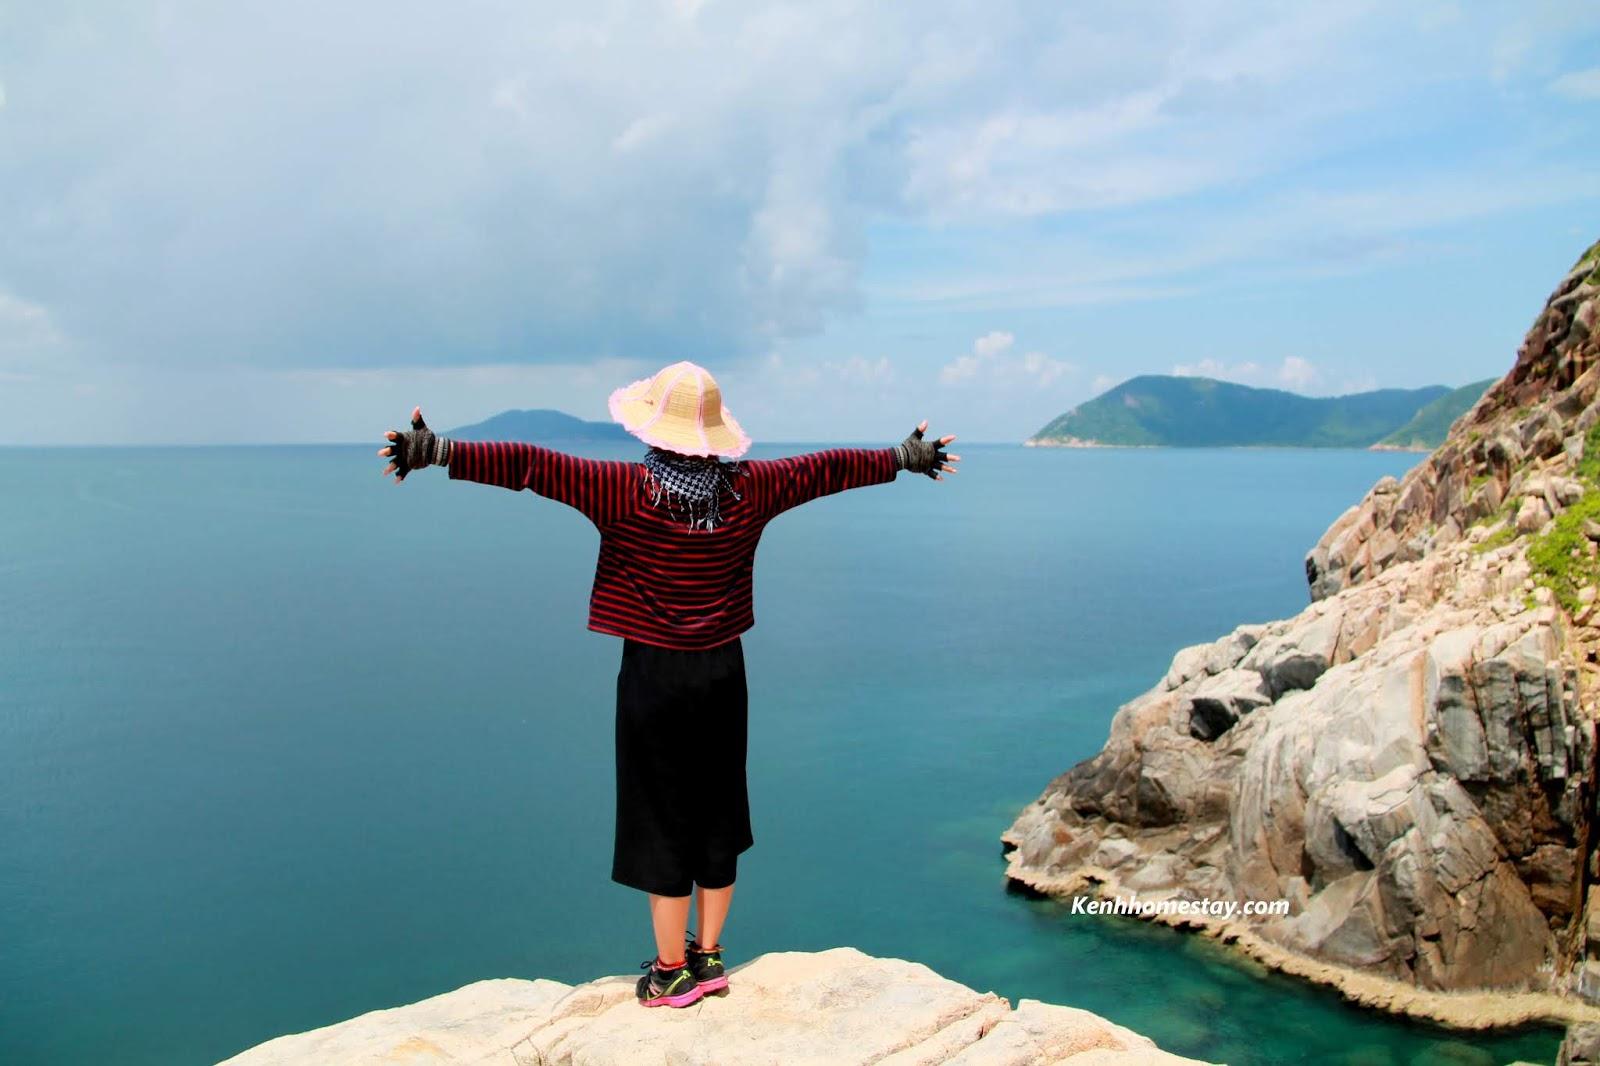 Du lịch Côn Đảo – Kinh nghiệm phượt Côn Đảo tự túc, giá rẻ từ A-Z